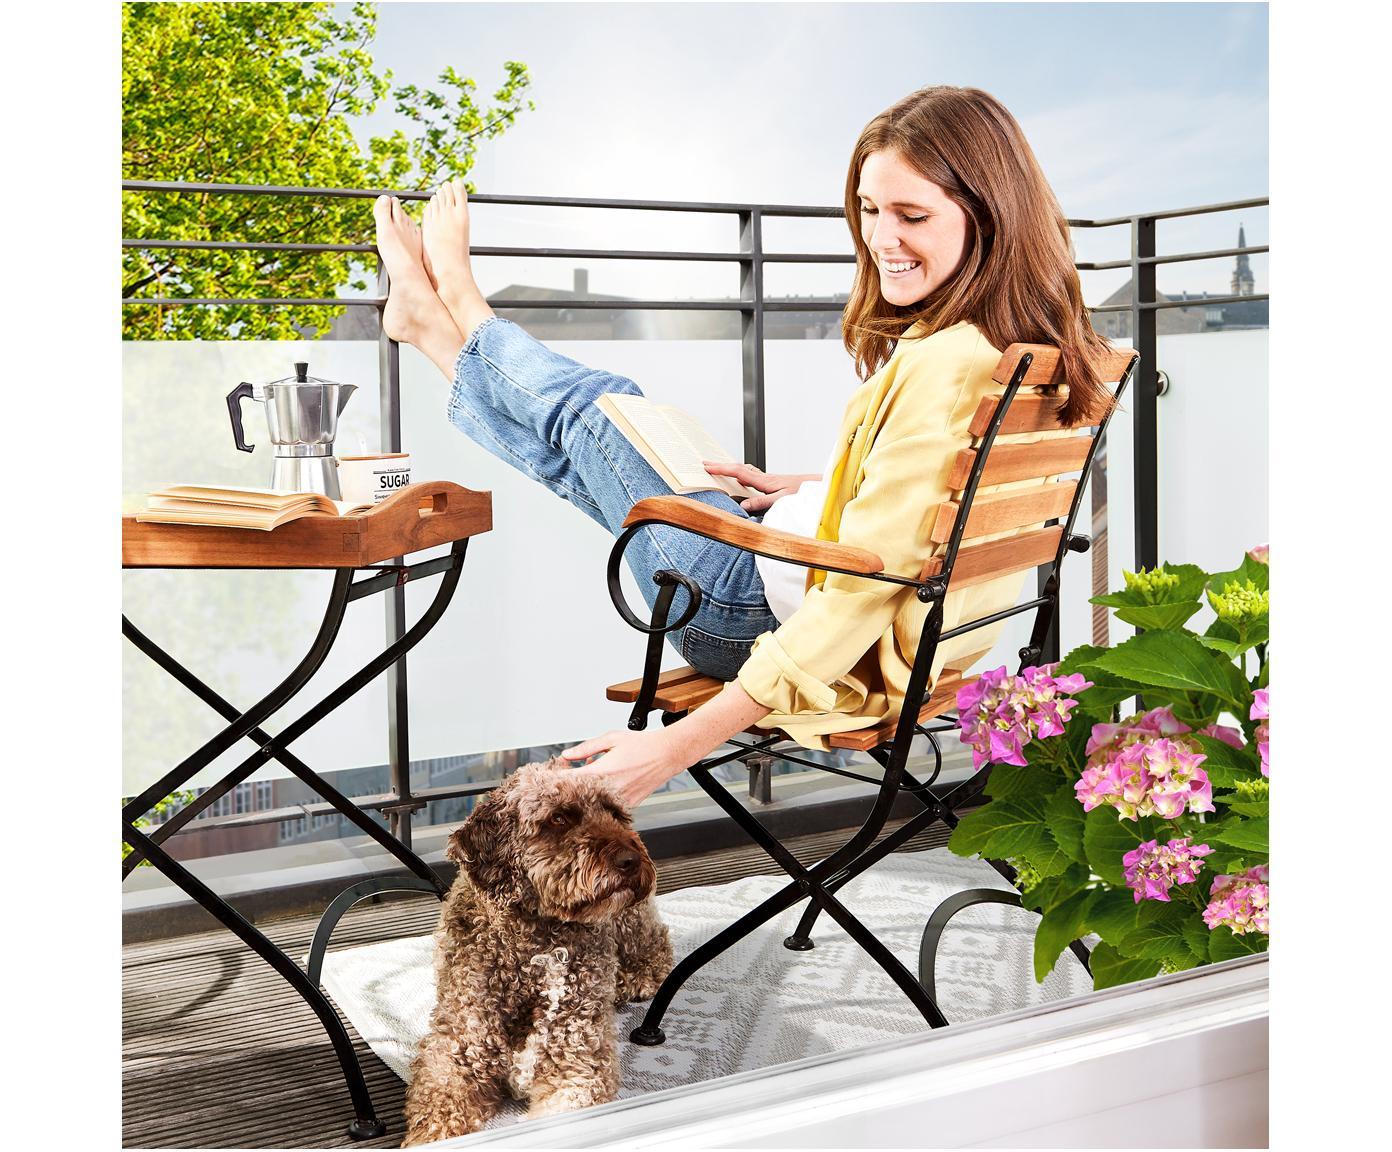 Składane krzesło ogrodowe z podłokietnikami Parklife, 2 szt., Stelaż: metal ocynkowany, malowan, Stelaż: czarny, matowy Korpus: drewno akacjowe, S 59 x G 52 cm